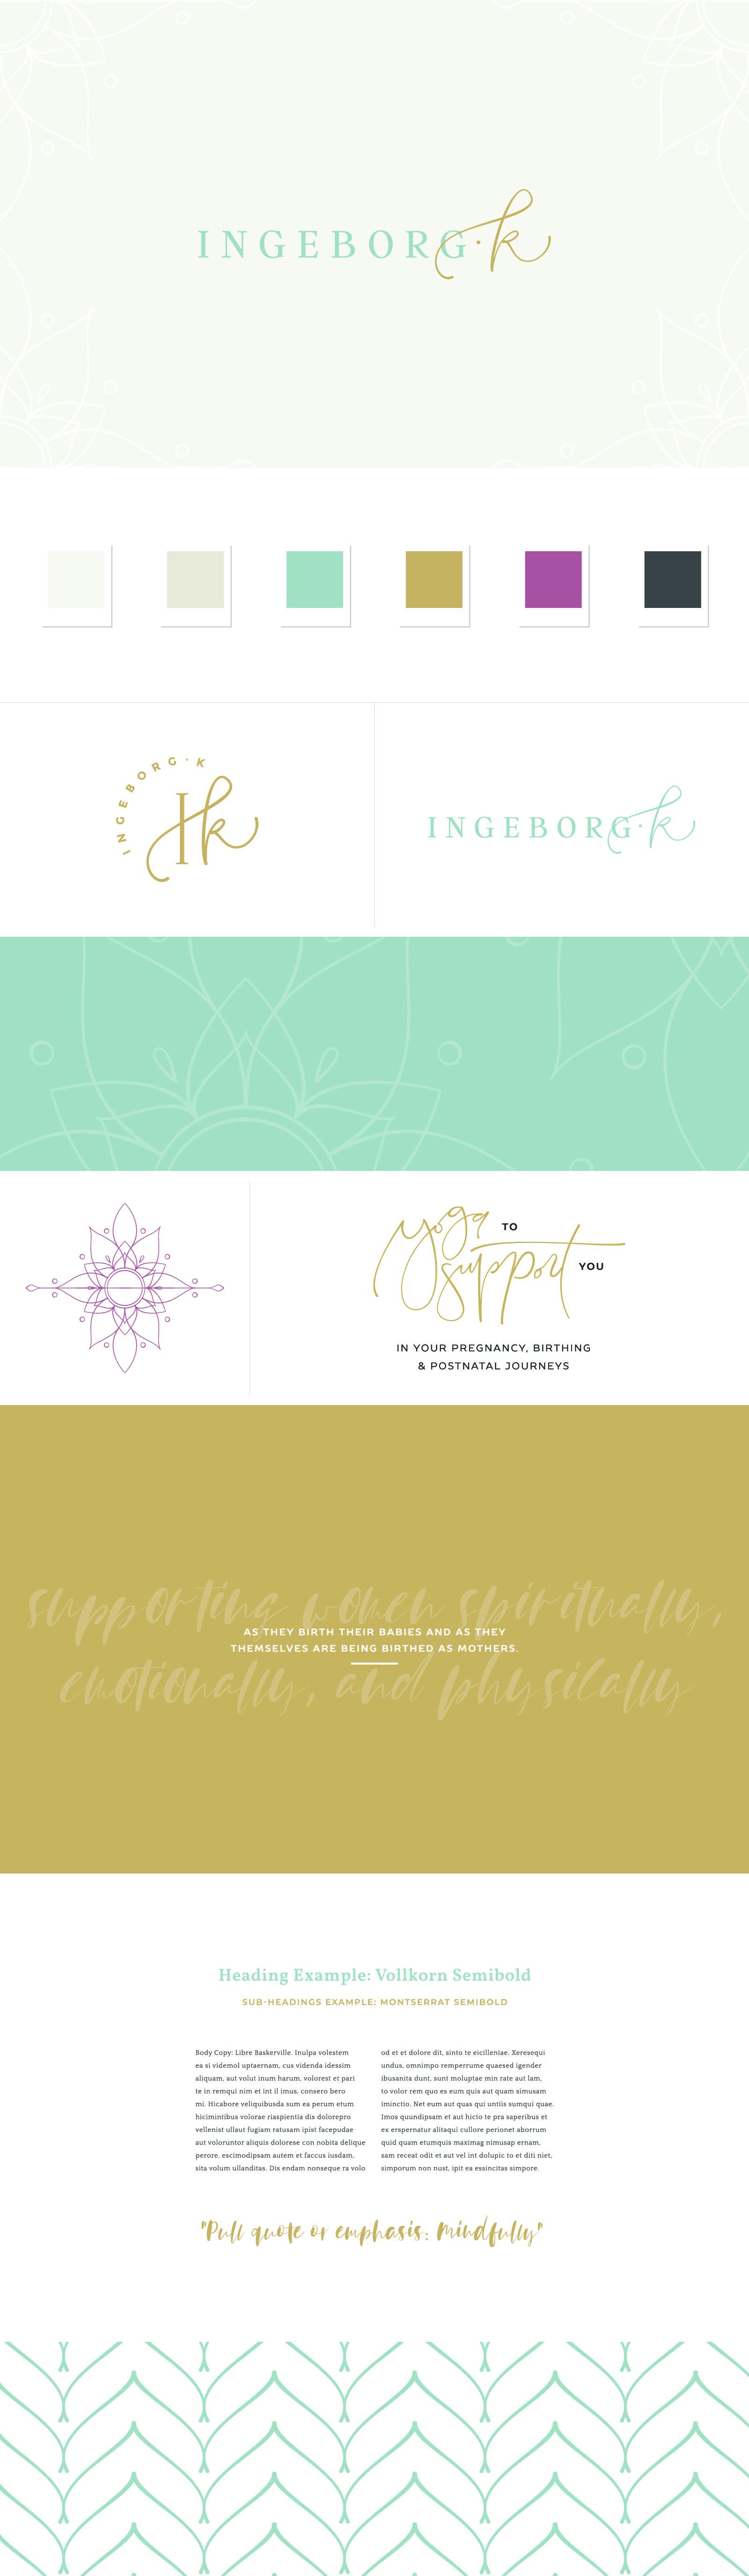 Ingeborg Style Guide Branding Design Logo Branding Design Inspiration Business Logo Design